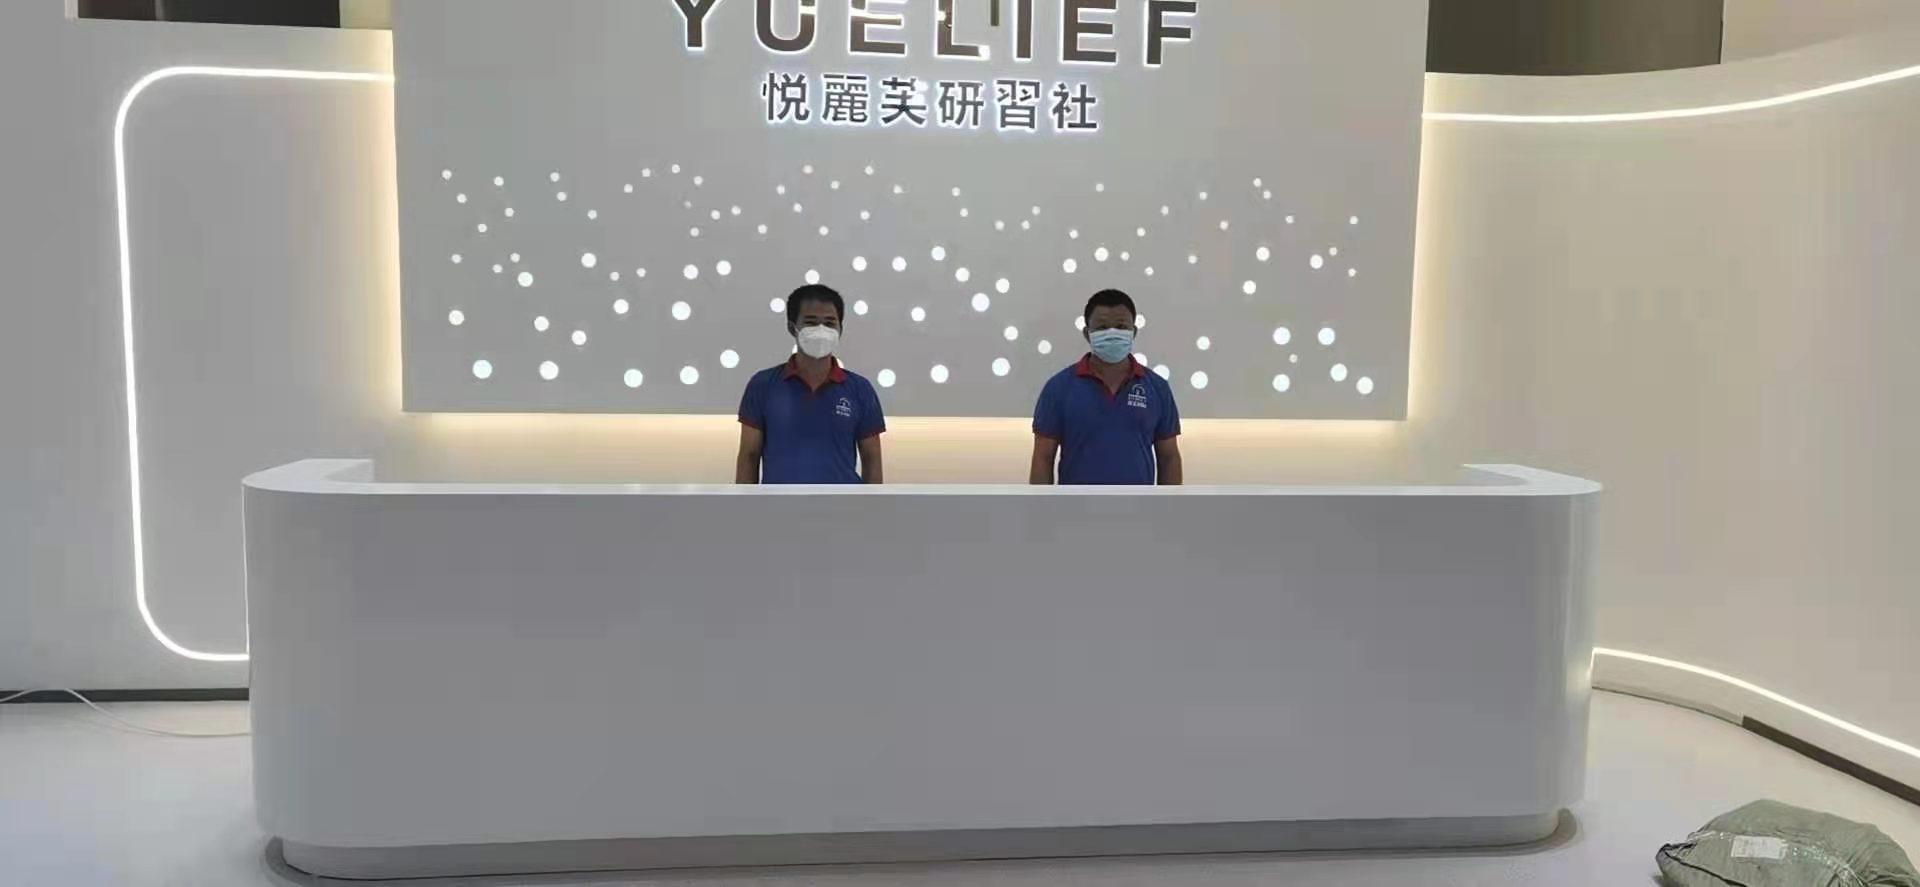 厦门悦然时尚品牌管理有限公司